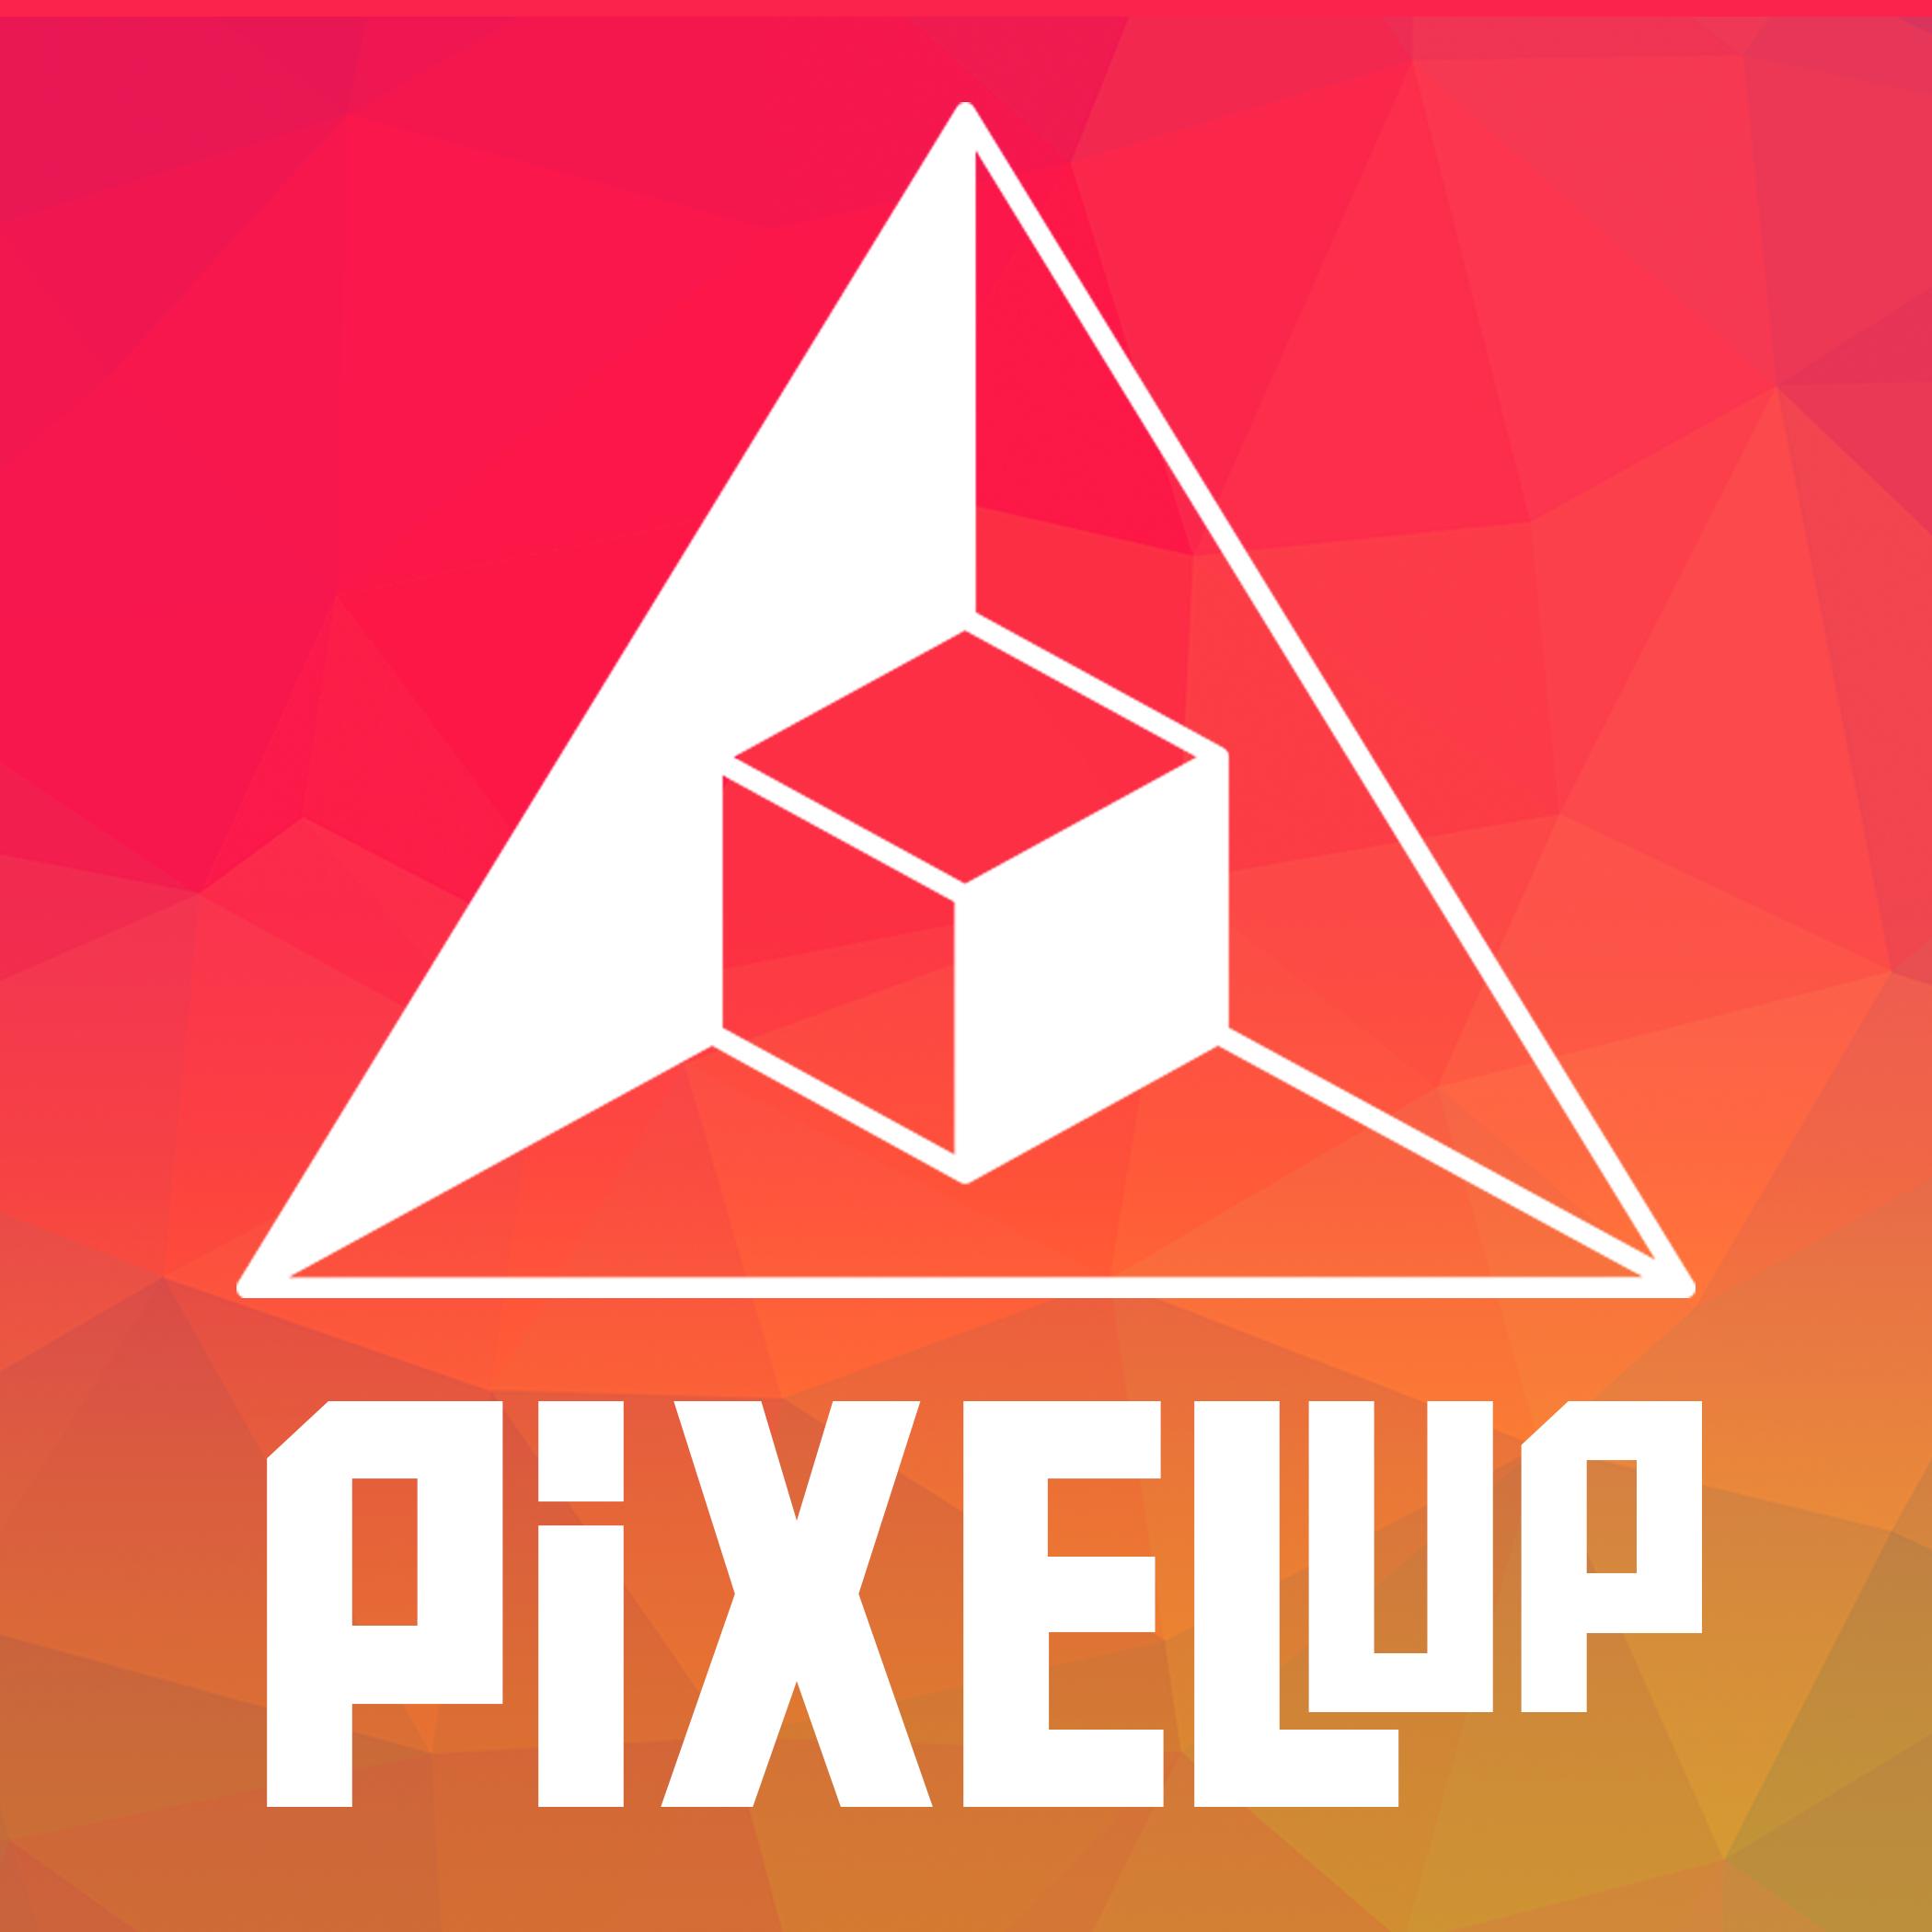 Pixel up v2